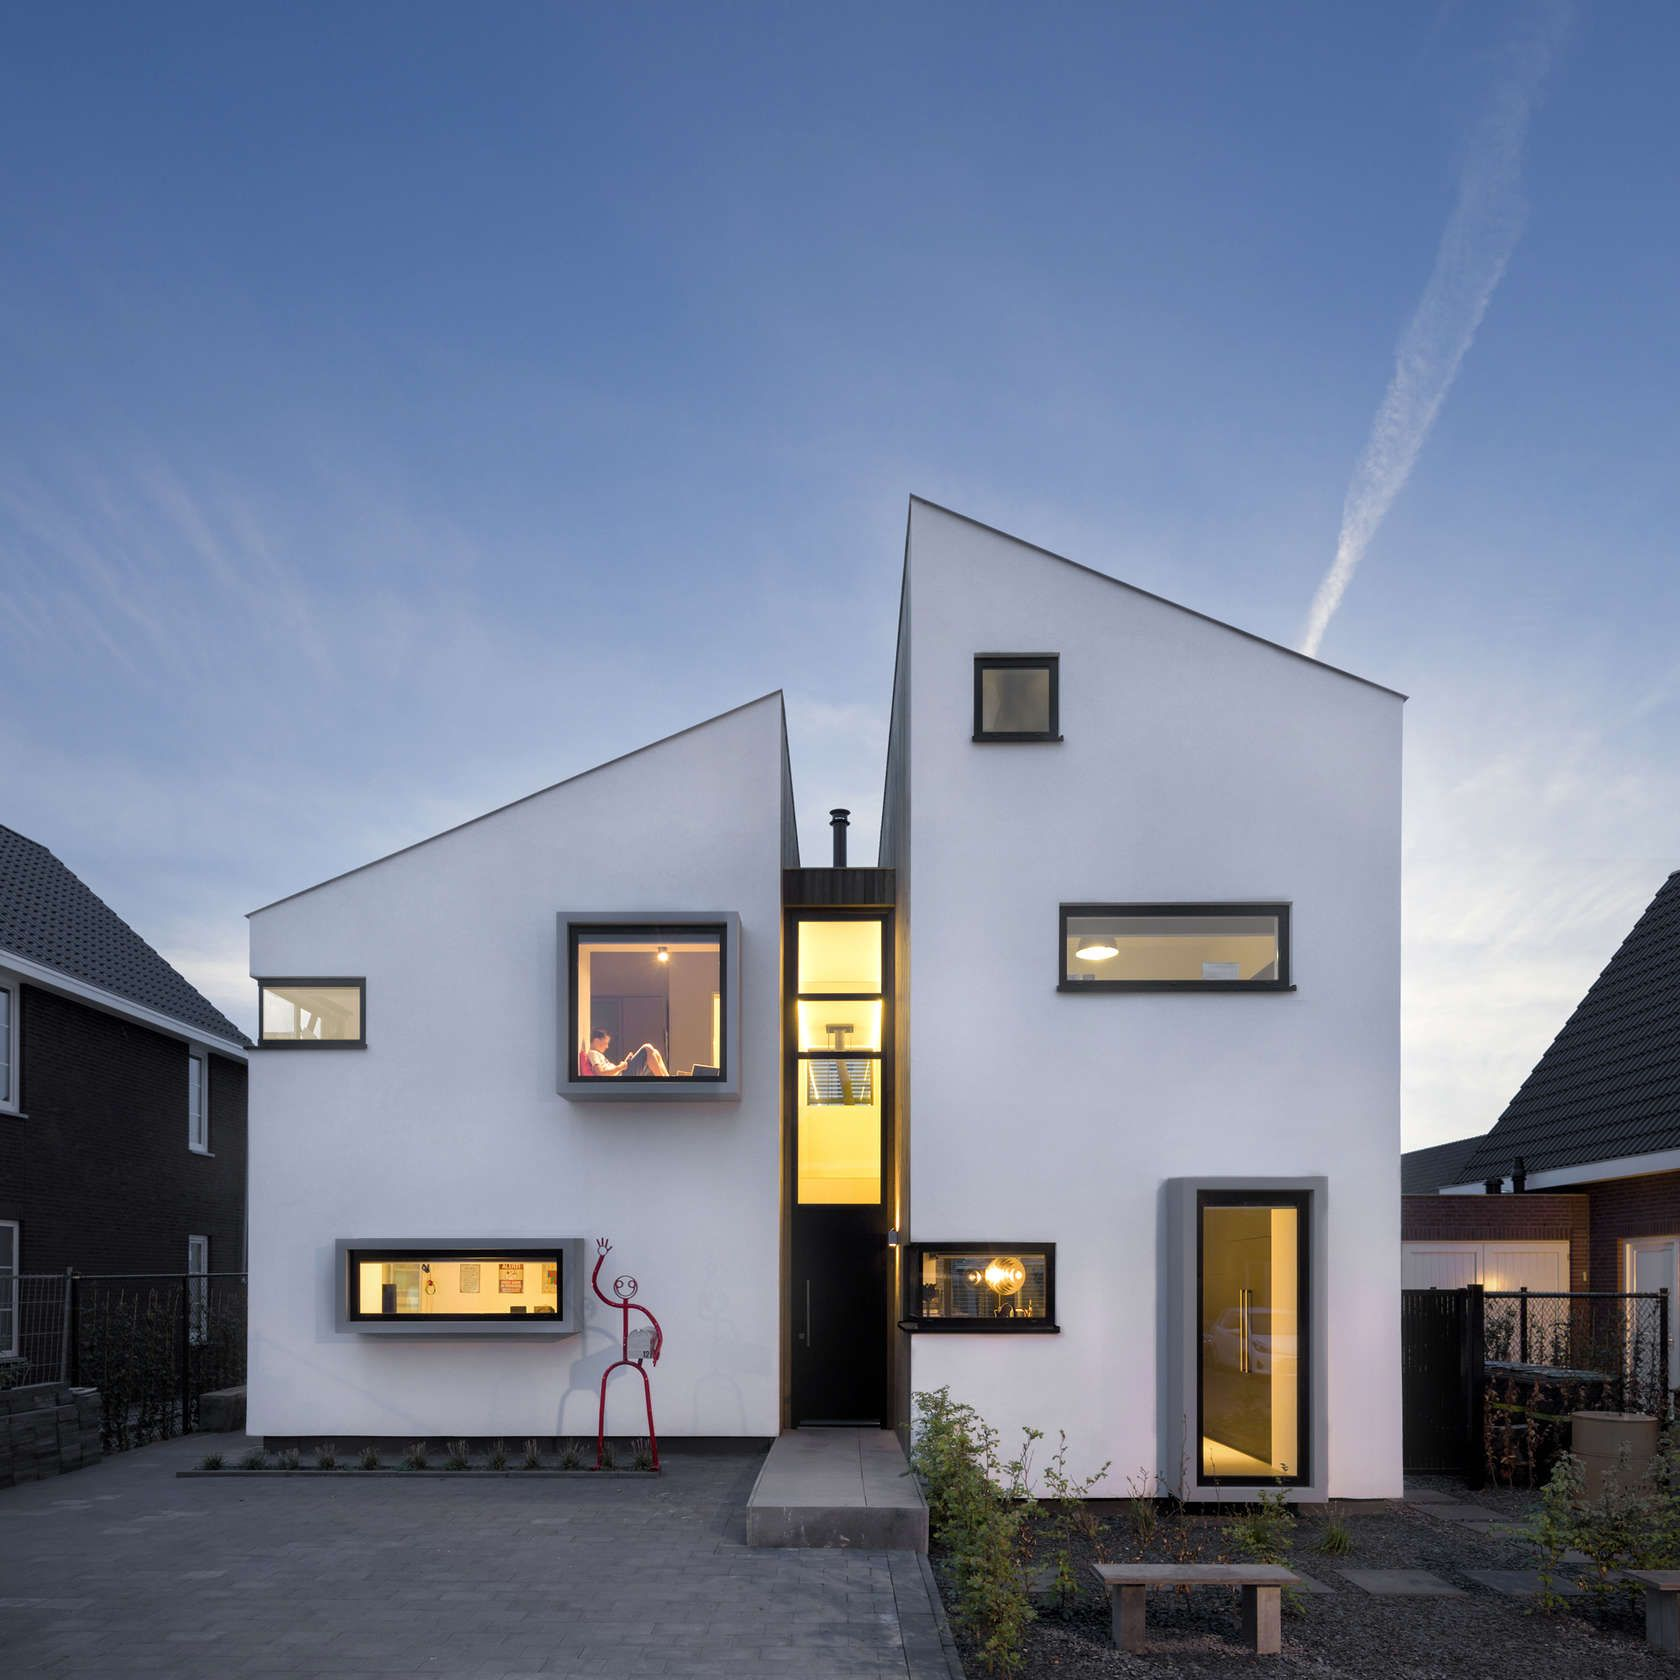 1000 bilder zu casa auf pinterest pho villas und moderne häuser